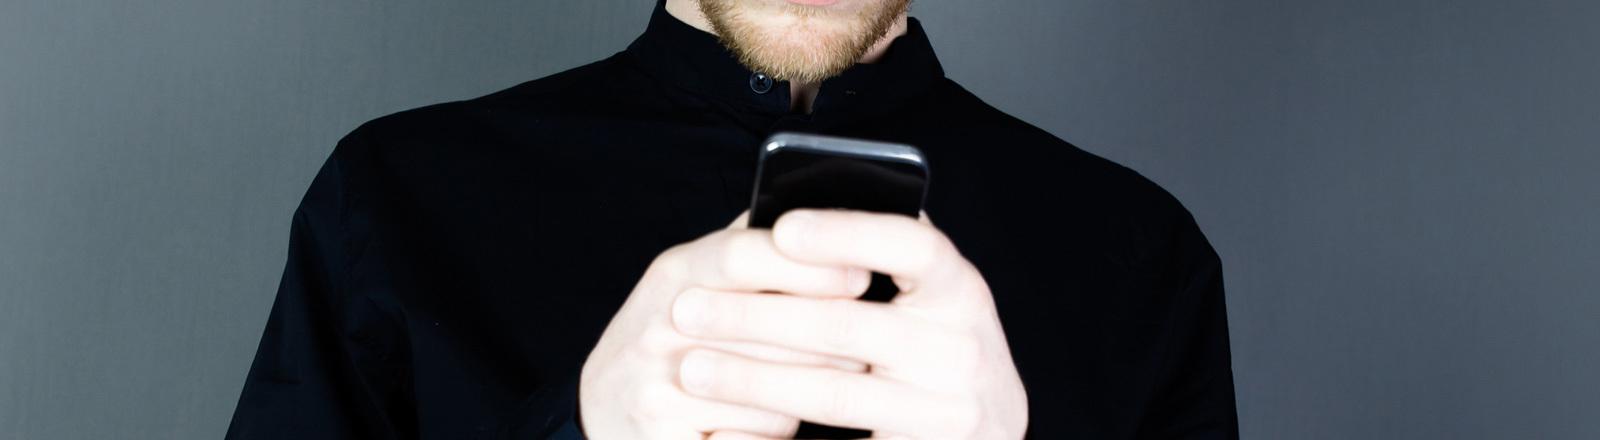 Ein Mann hält ein Handy in seinen Hand und blickt darauf. Er trägt ein schwarzes Hemd. Sein Gesicht ist nicht zu erkennen.